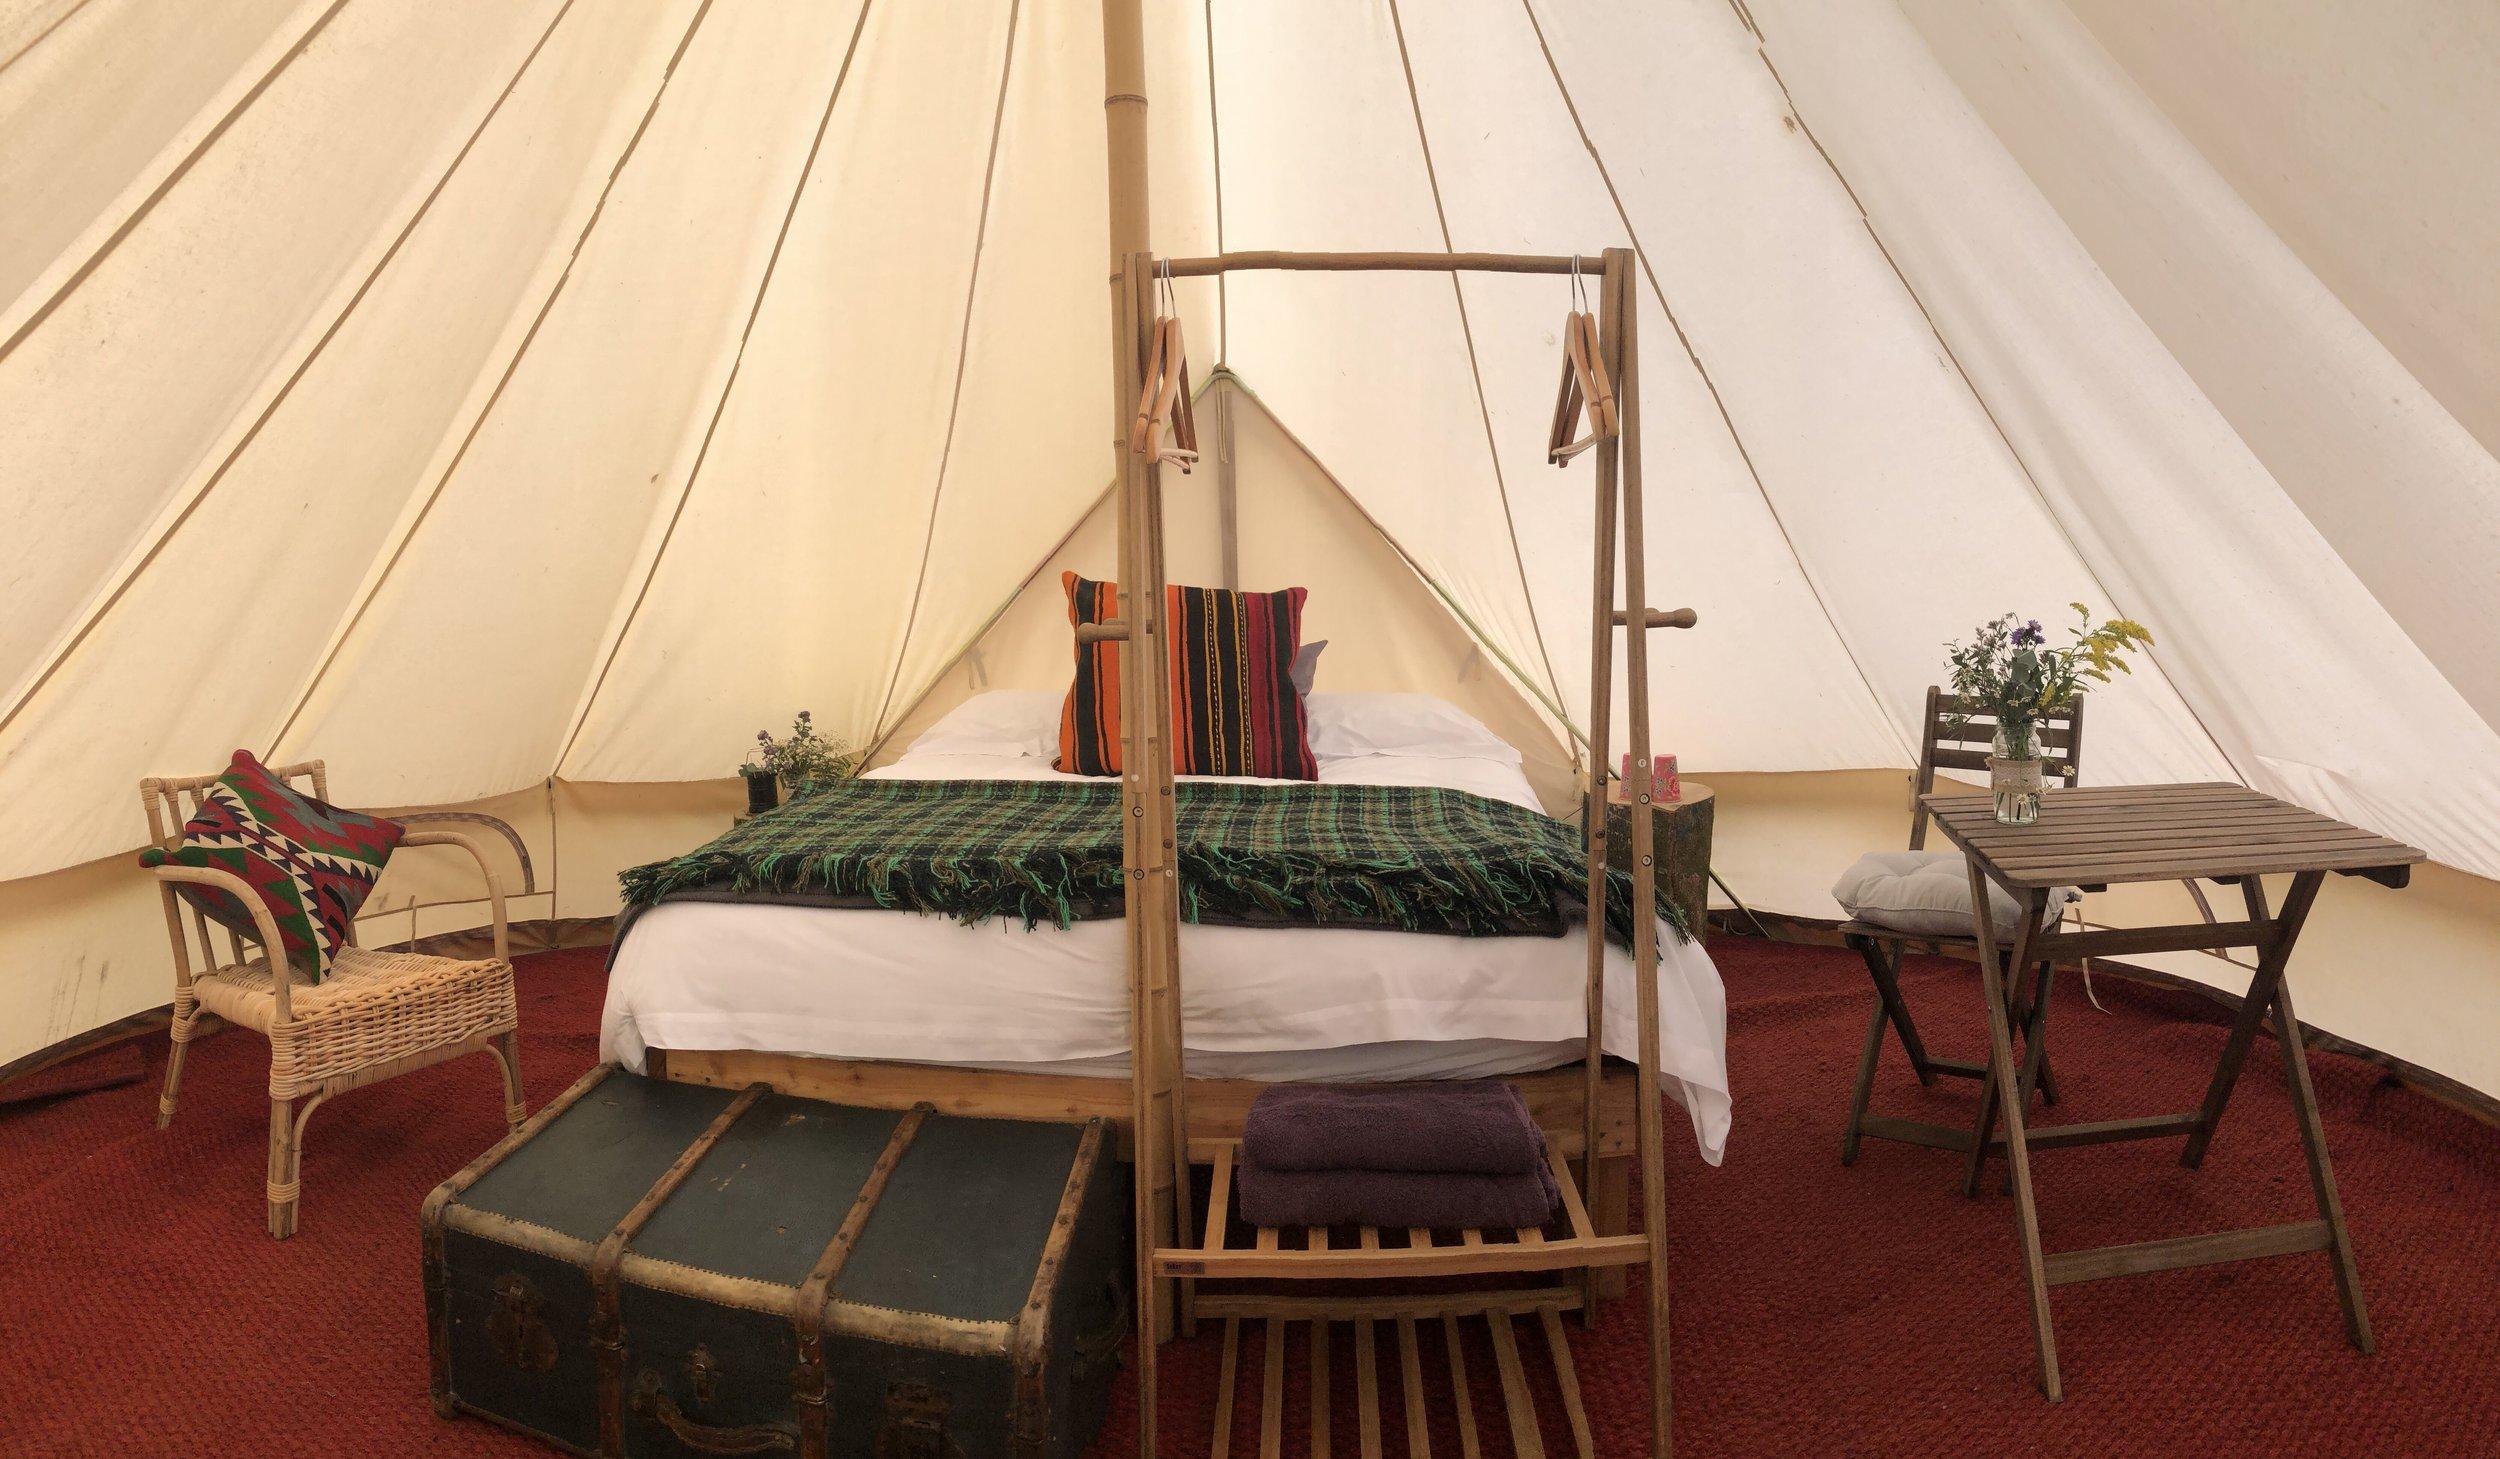 bell-tent-1.jpeg